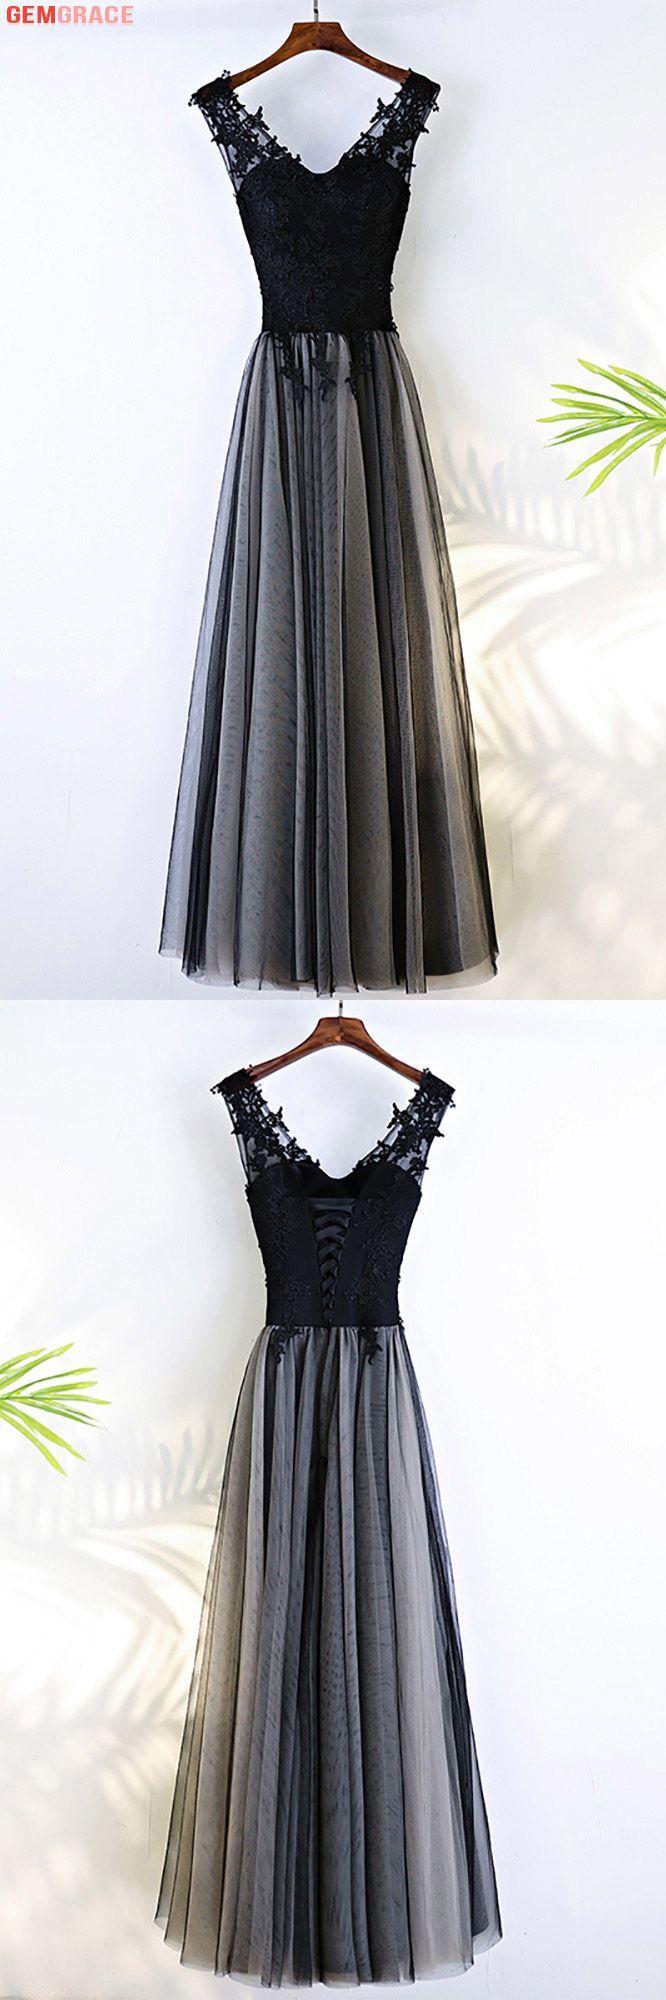 Formal Long Black V-neck Cheap Prom Dress Sleeveless # ...